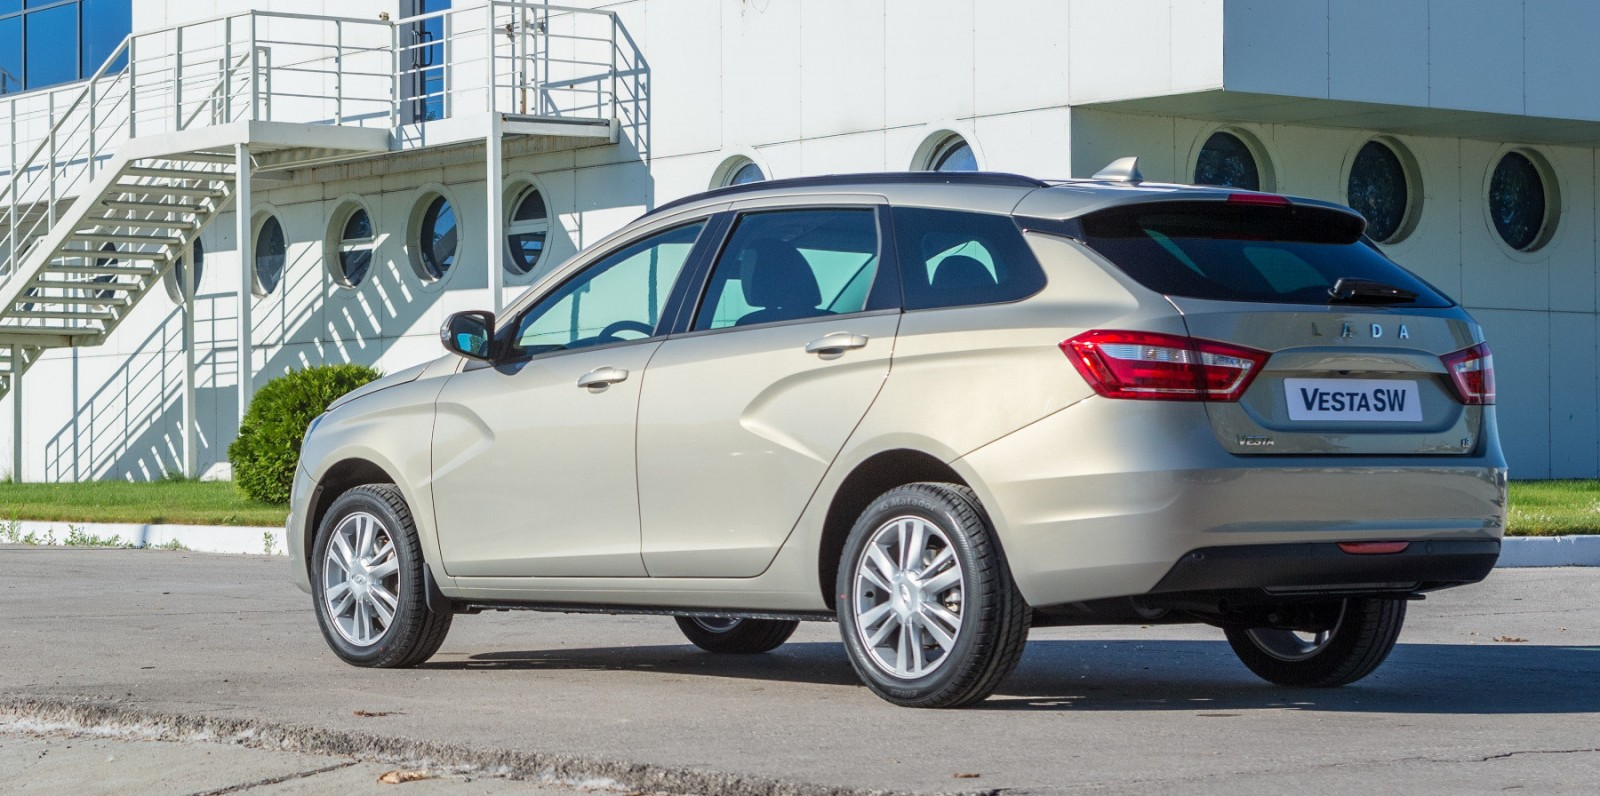 Отзывы владельца о новой Lada Vesta SW (2018)